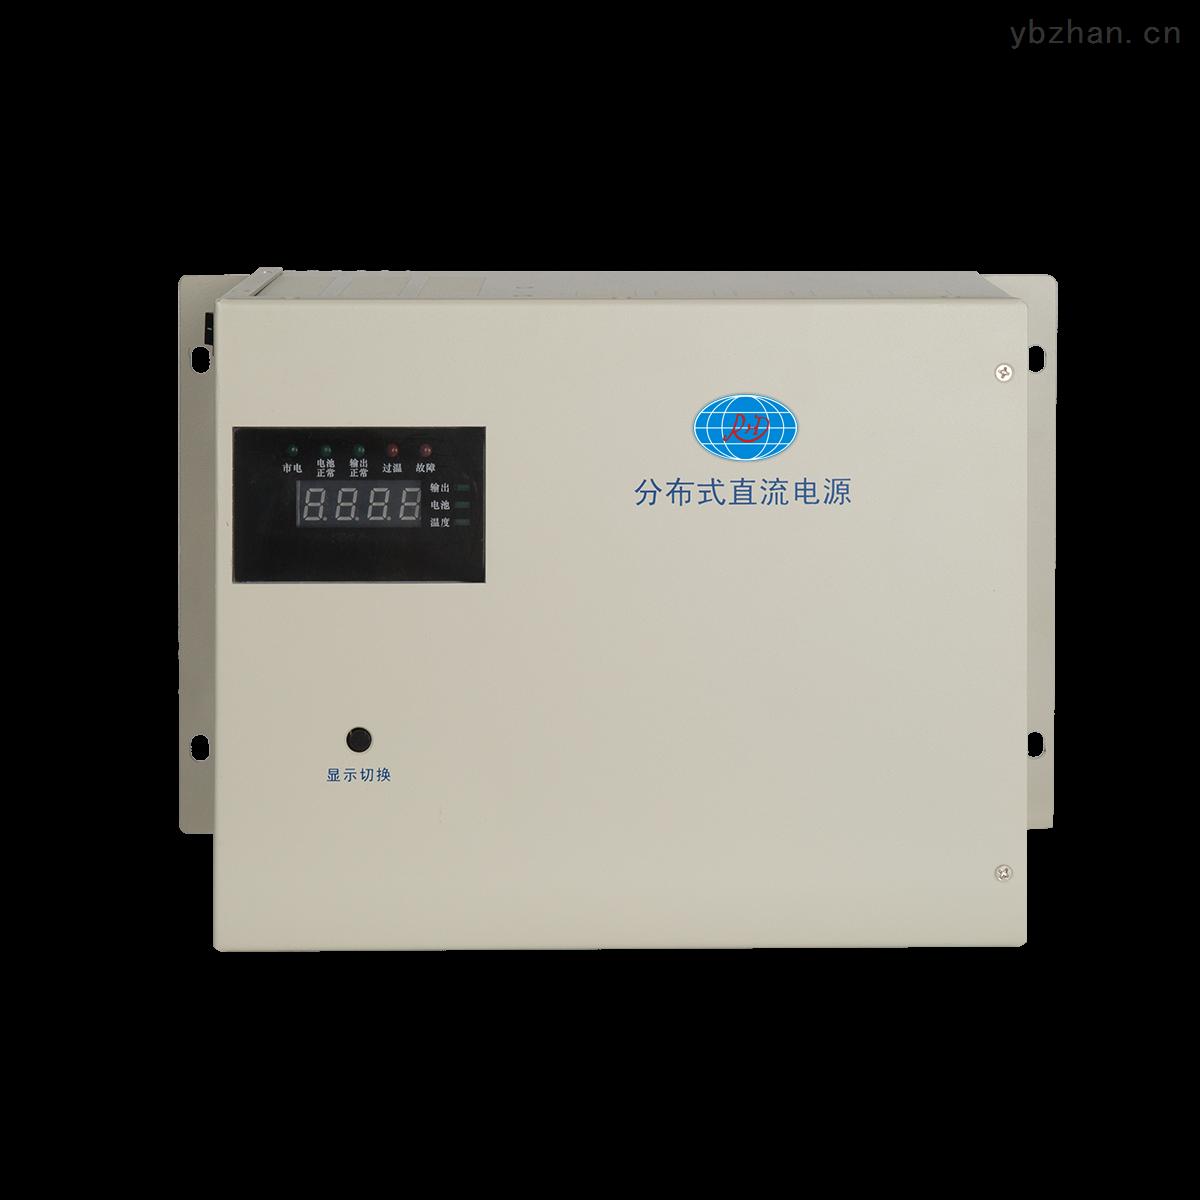 RHT600-UP5N-分布式直流电源RHT600-UP5N厂家